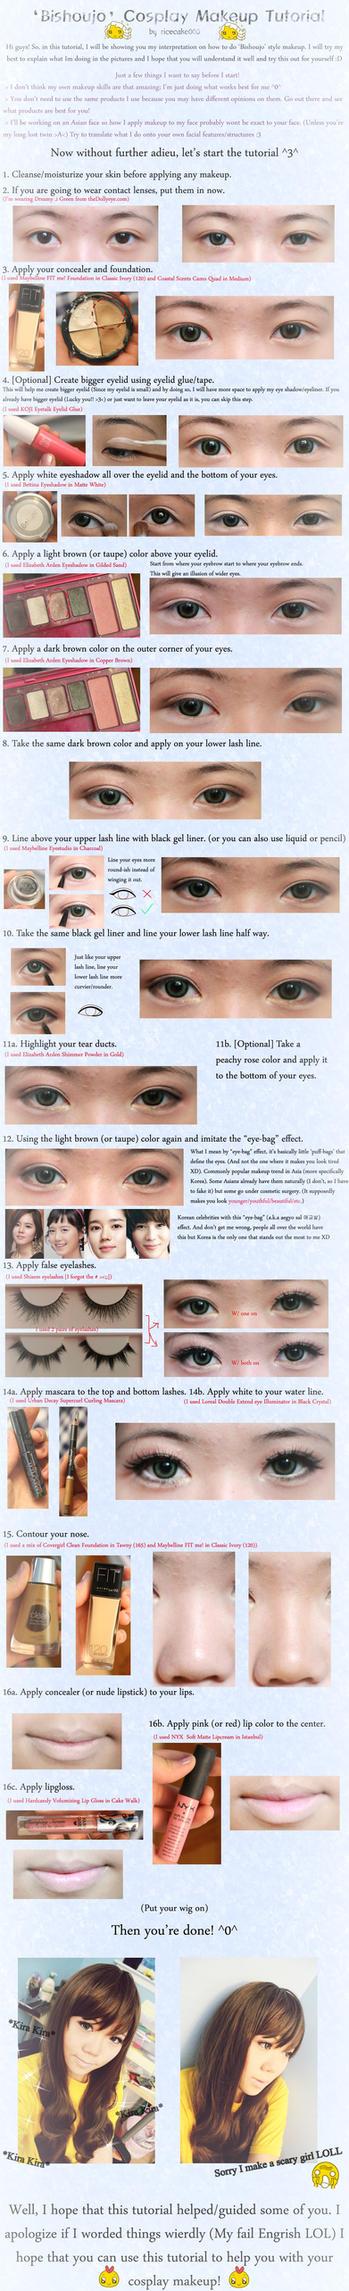 Bishoujo Makeup Tutorial by ricecake000